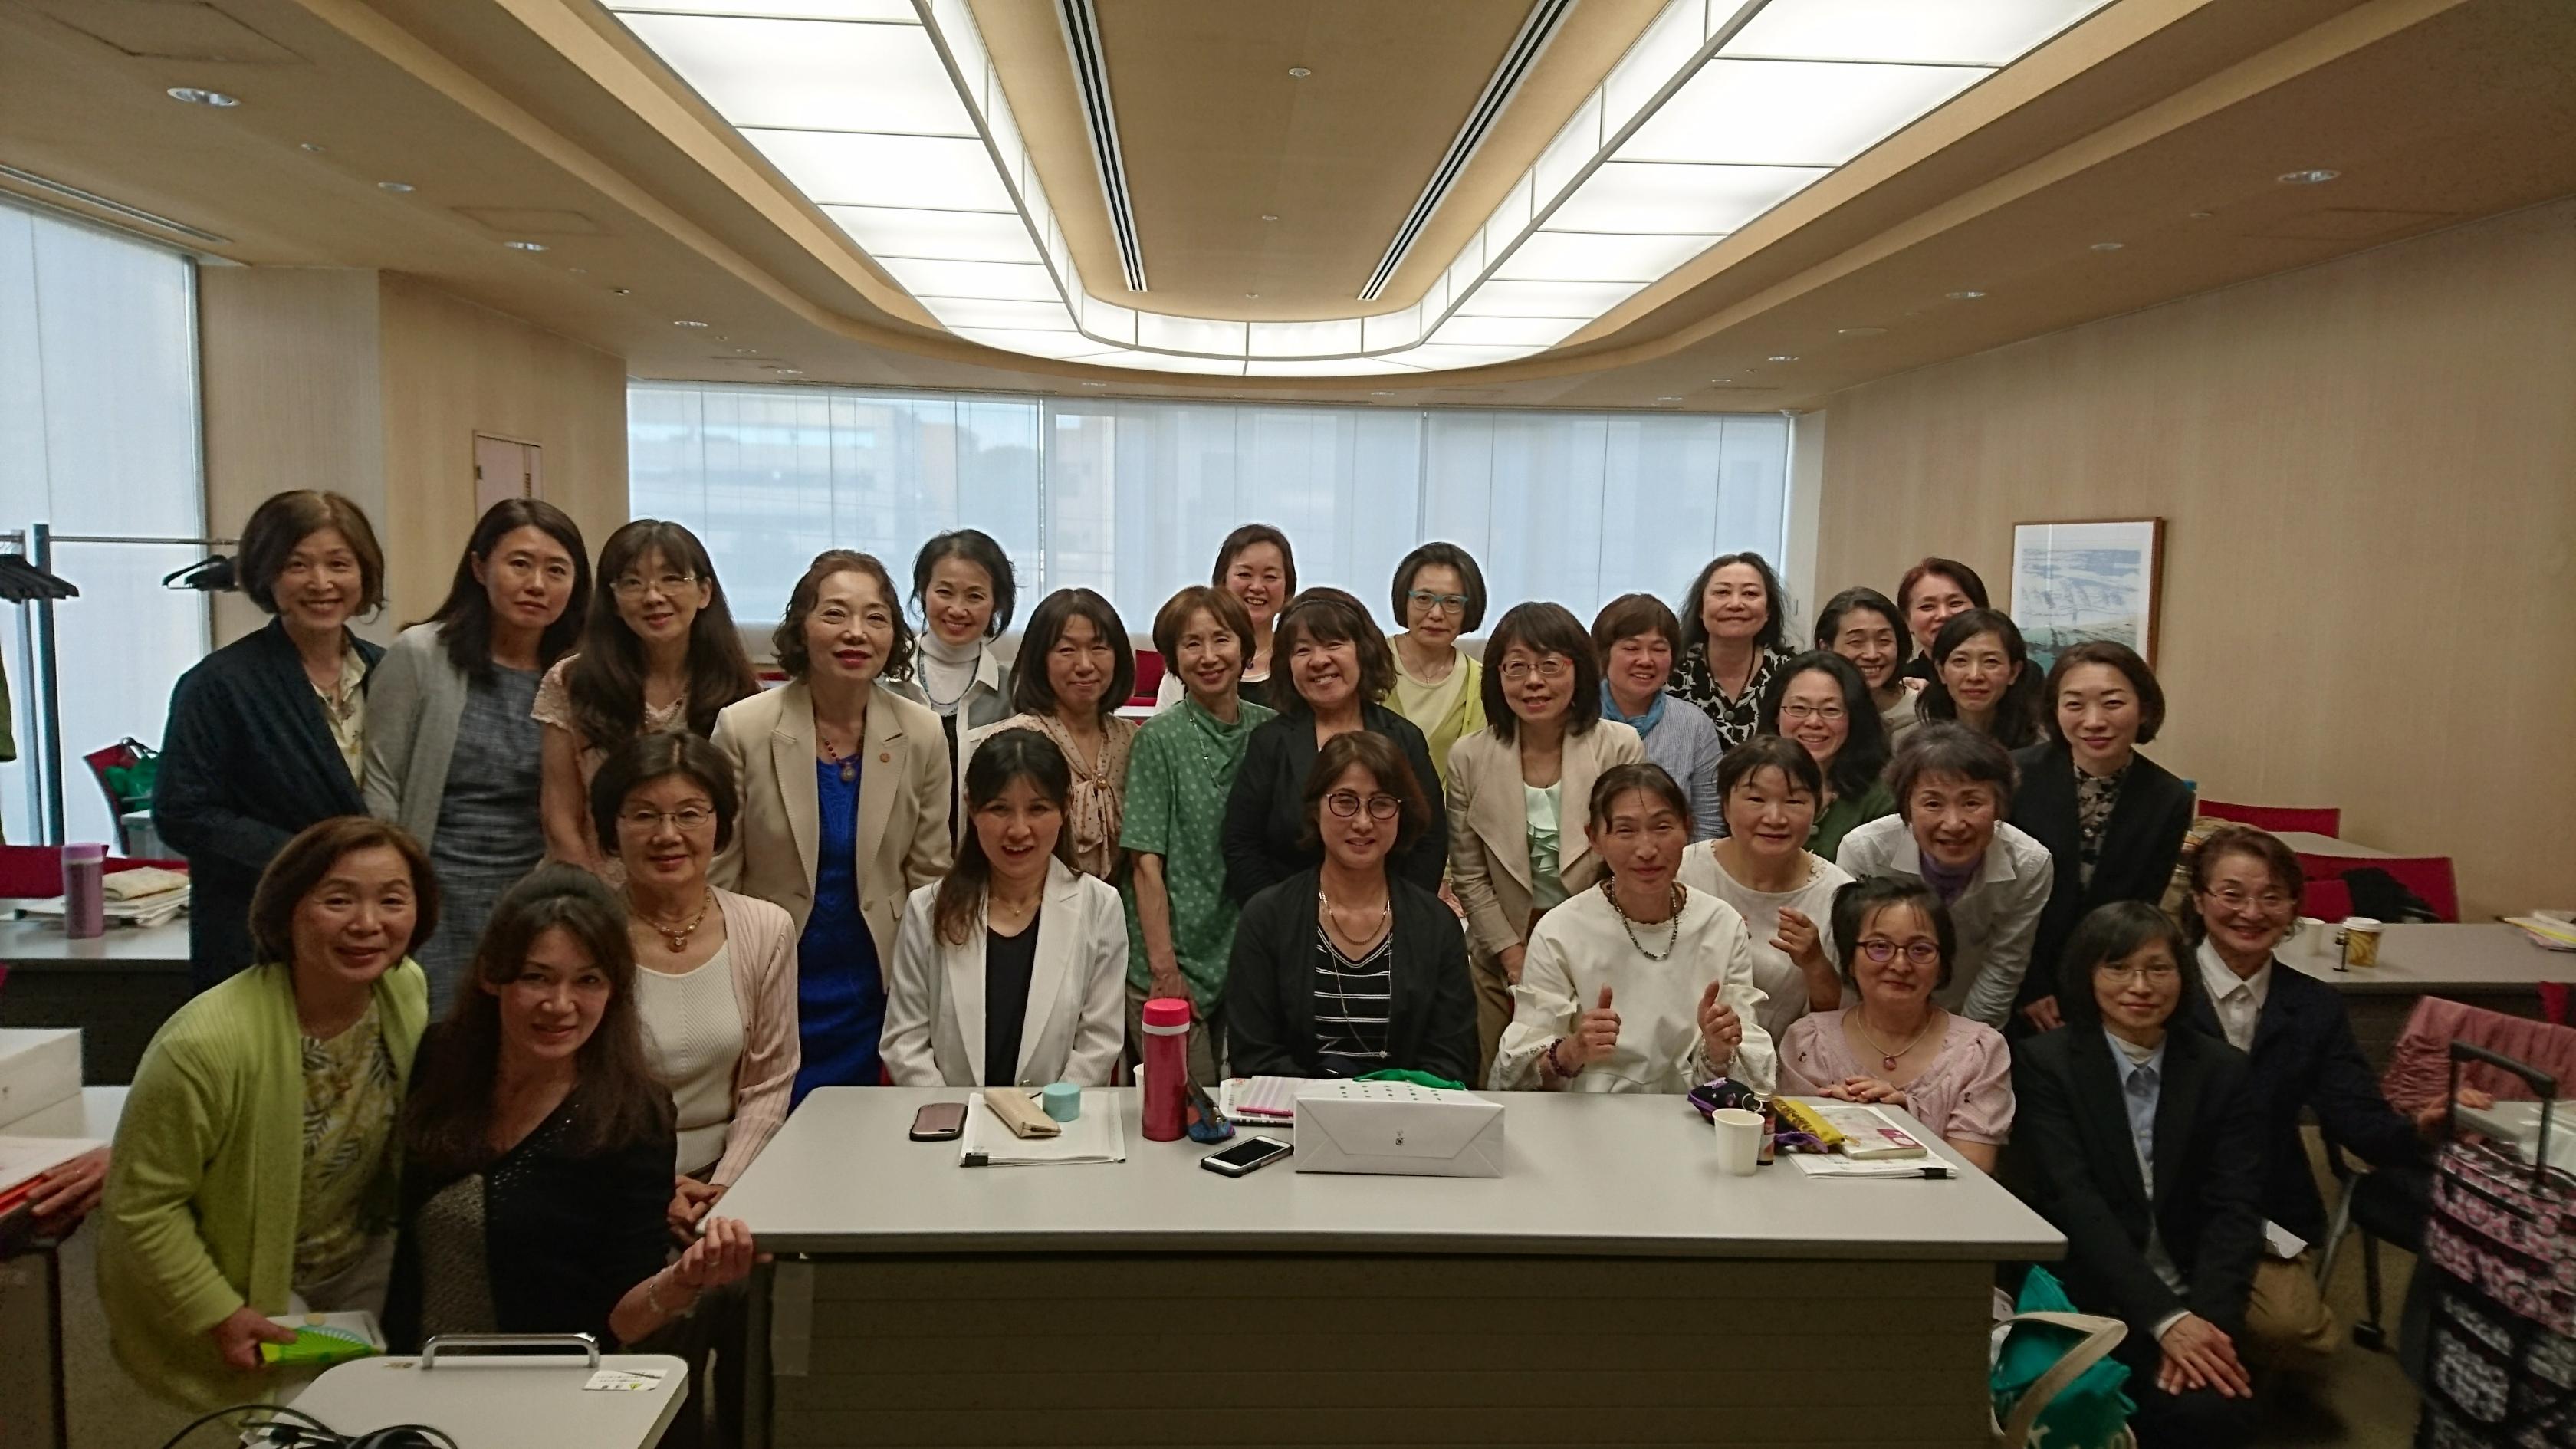 名古屋・片づけ掃除アドバイザー認定講座28名様ご受講ありがとうございました。